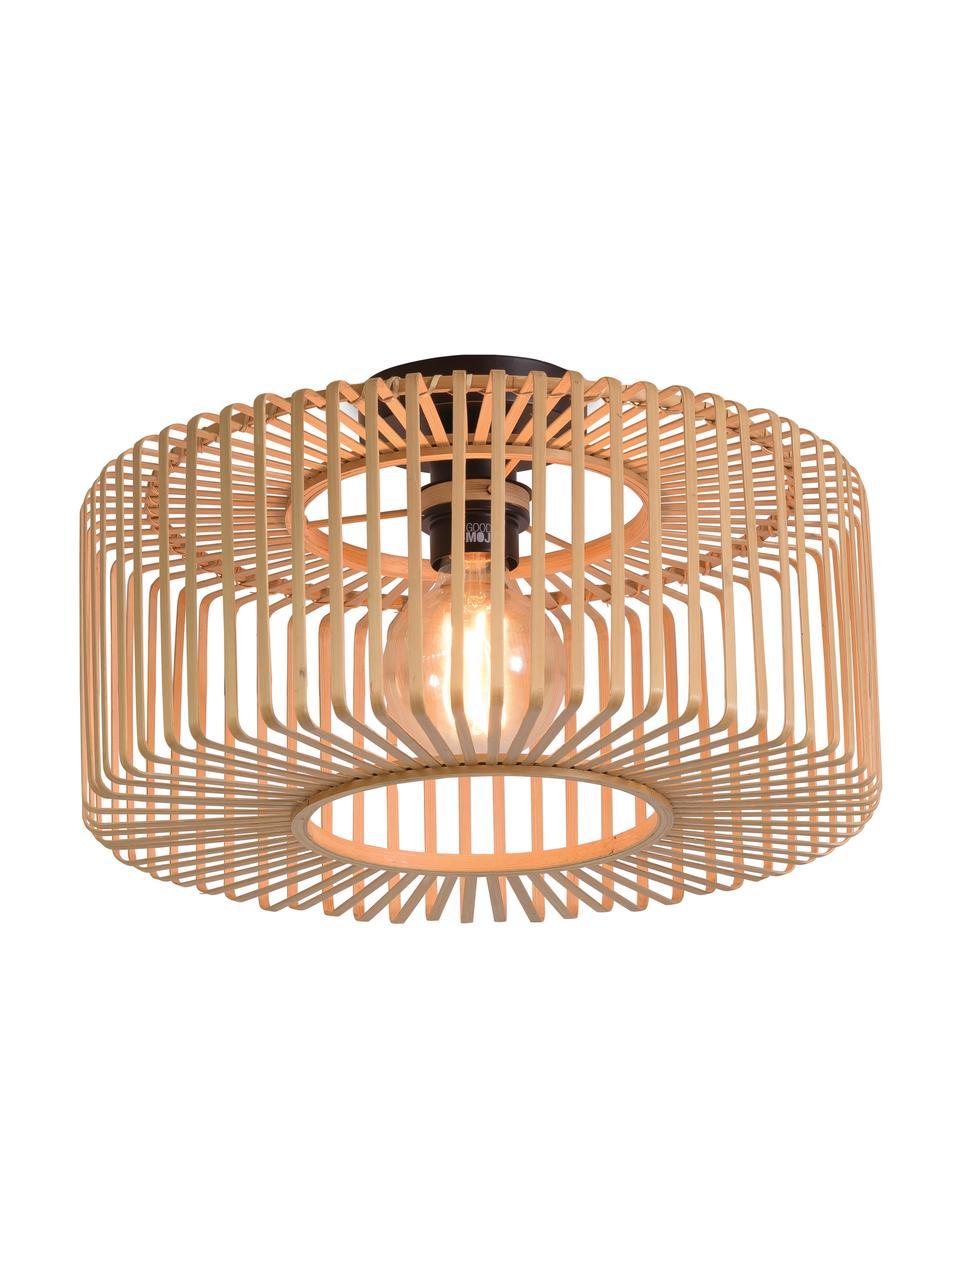 Plafondlamp Bromo van bamboehout, Lampenkap: bamboe, Baldakijn: gecoat metaal, Beige, zwart, Ø 40 x H 18 cm